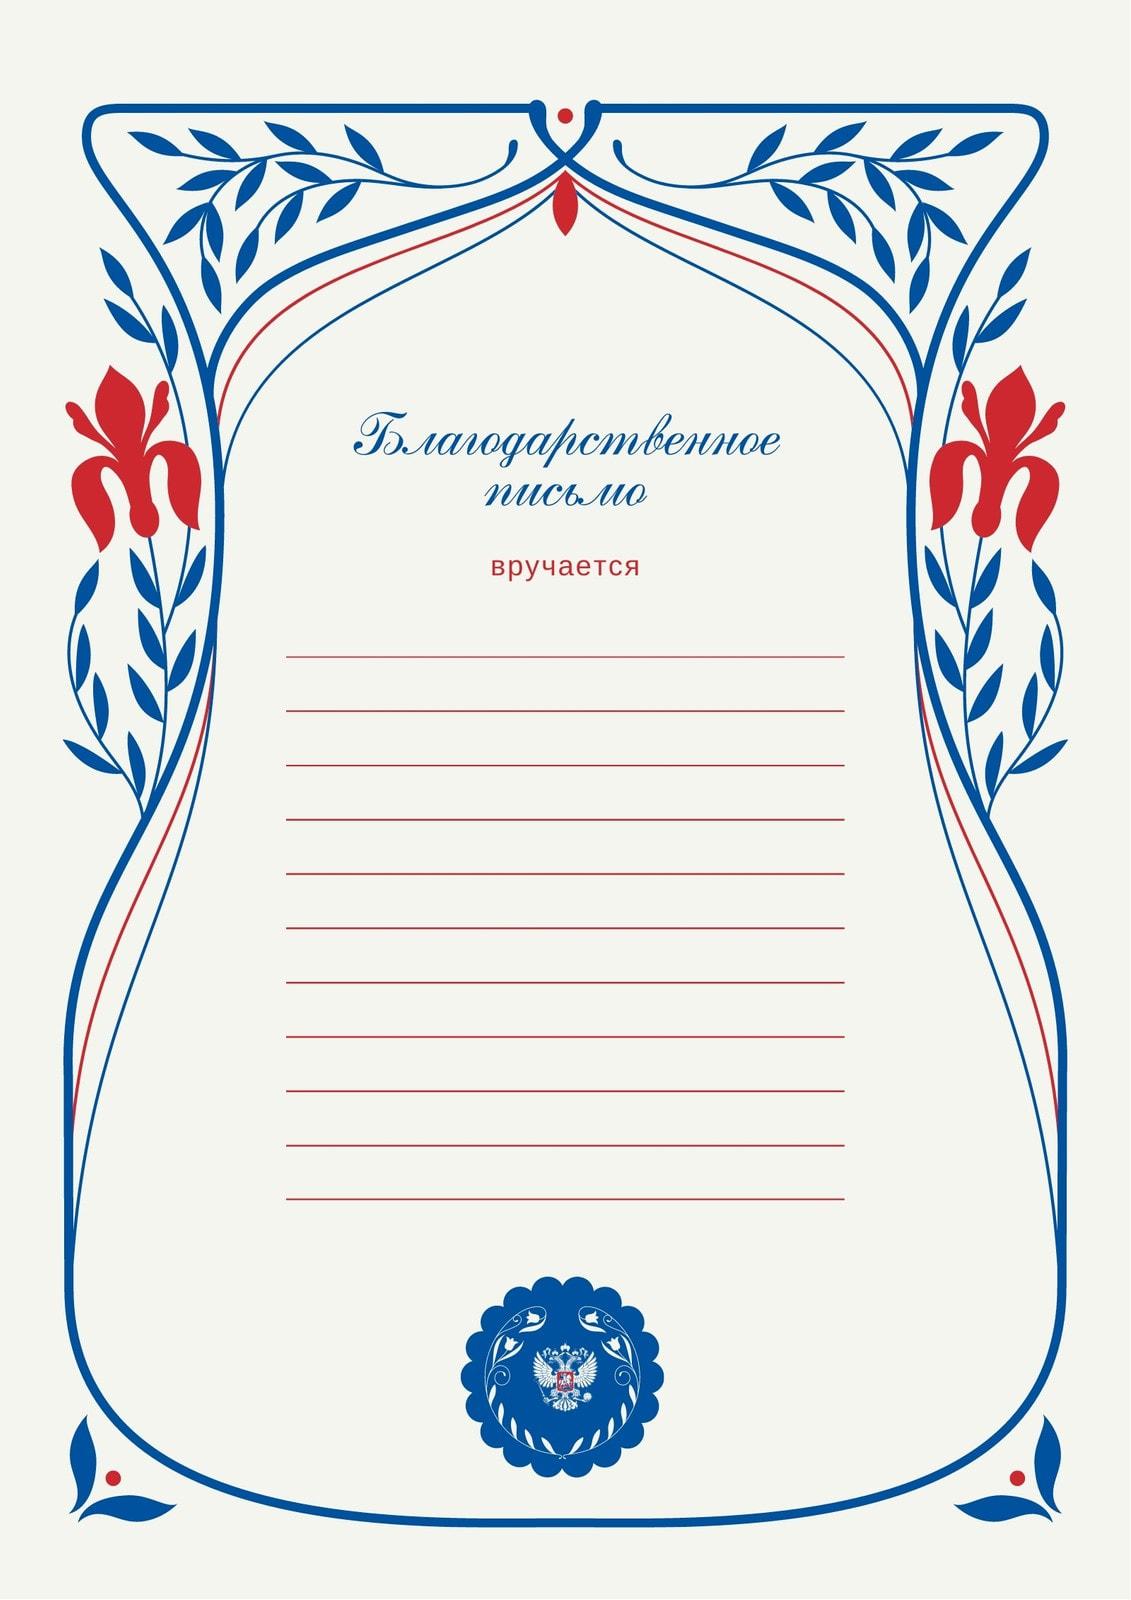 Серое формальное благодарственное письмо с синей и красной рамкой